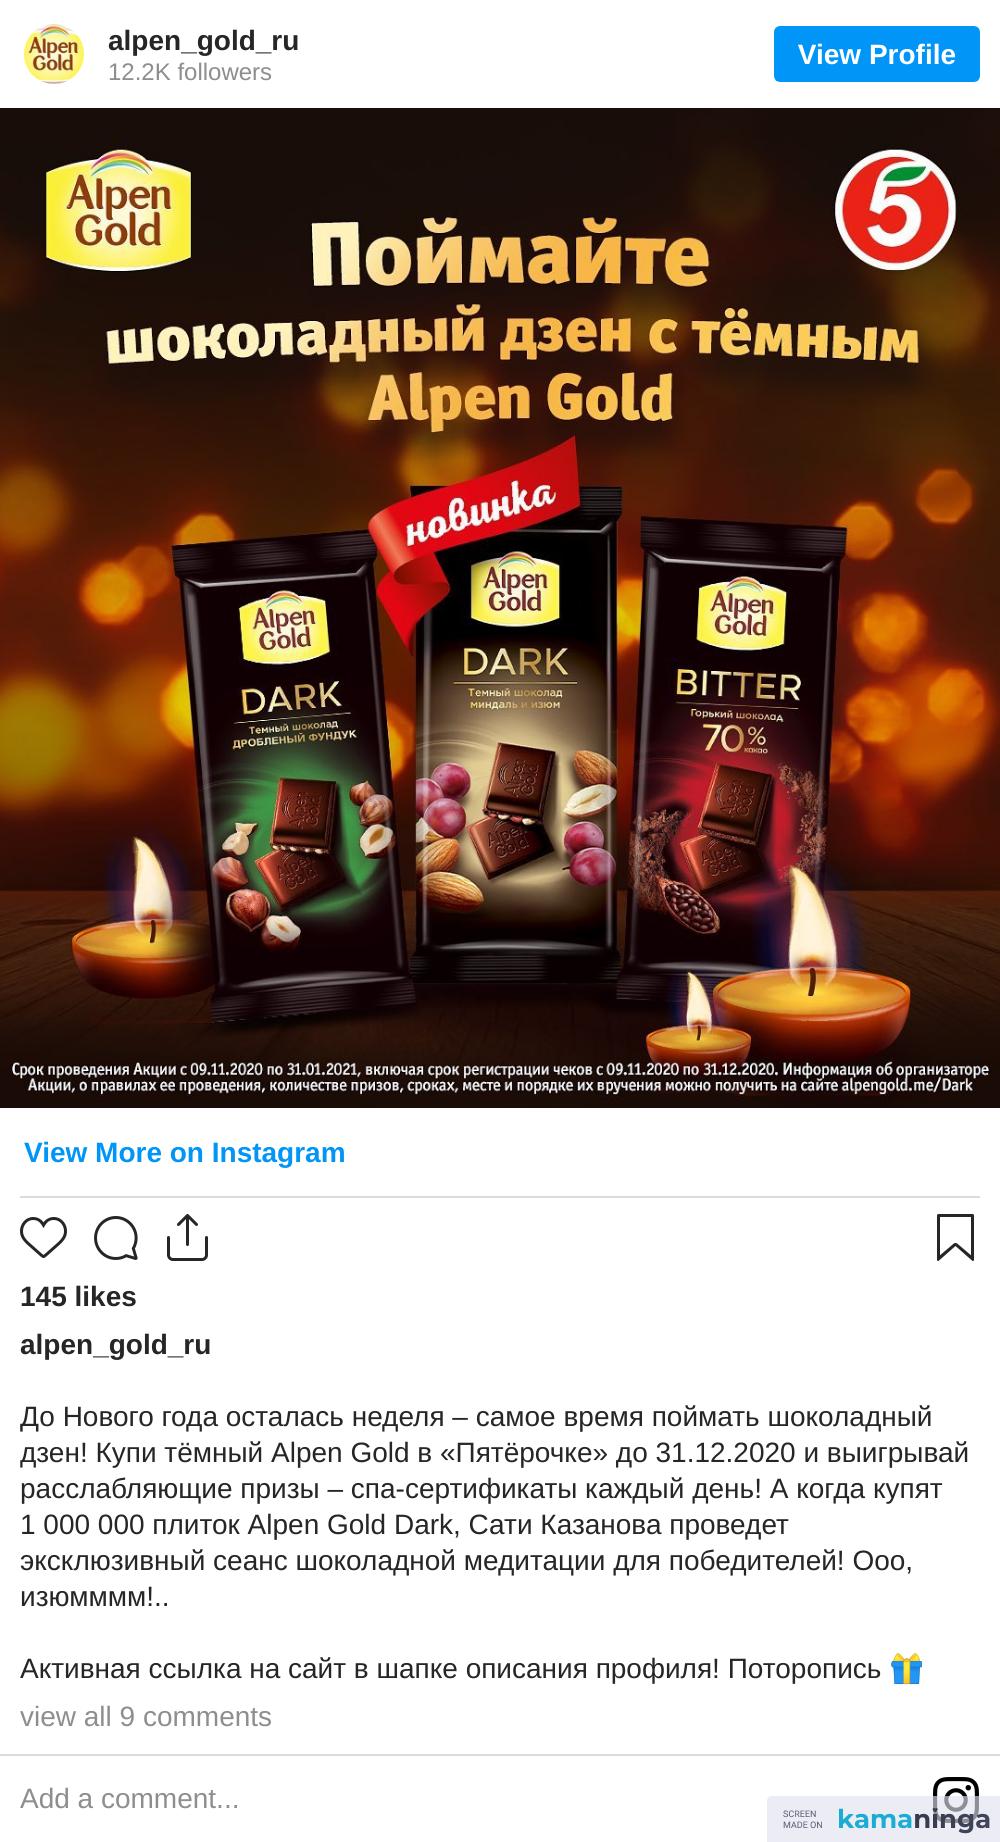 https://www.instagram.com/p/CJN9IA7Acb-/